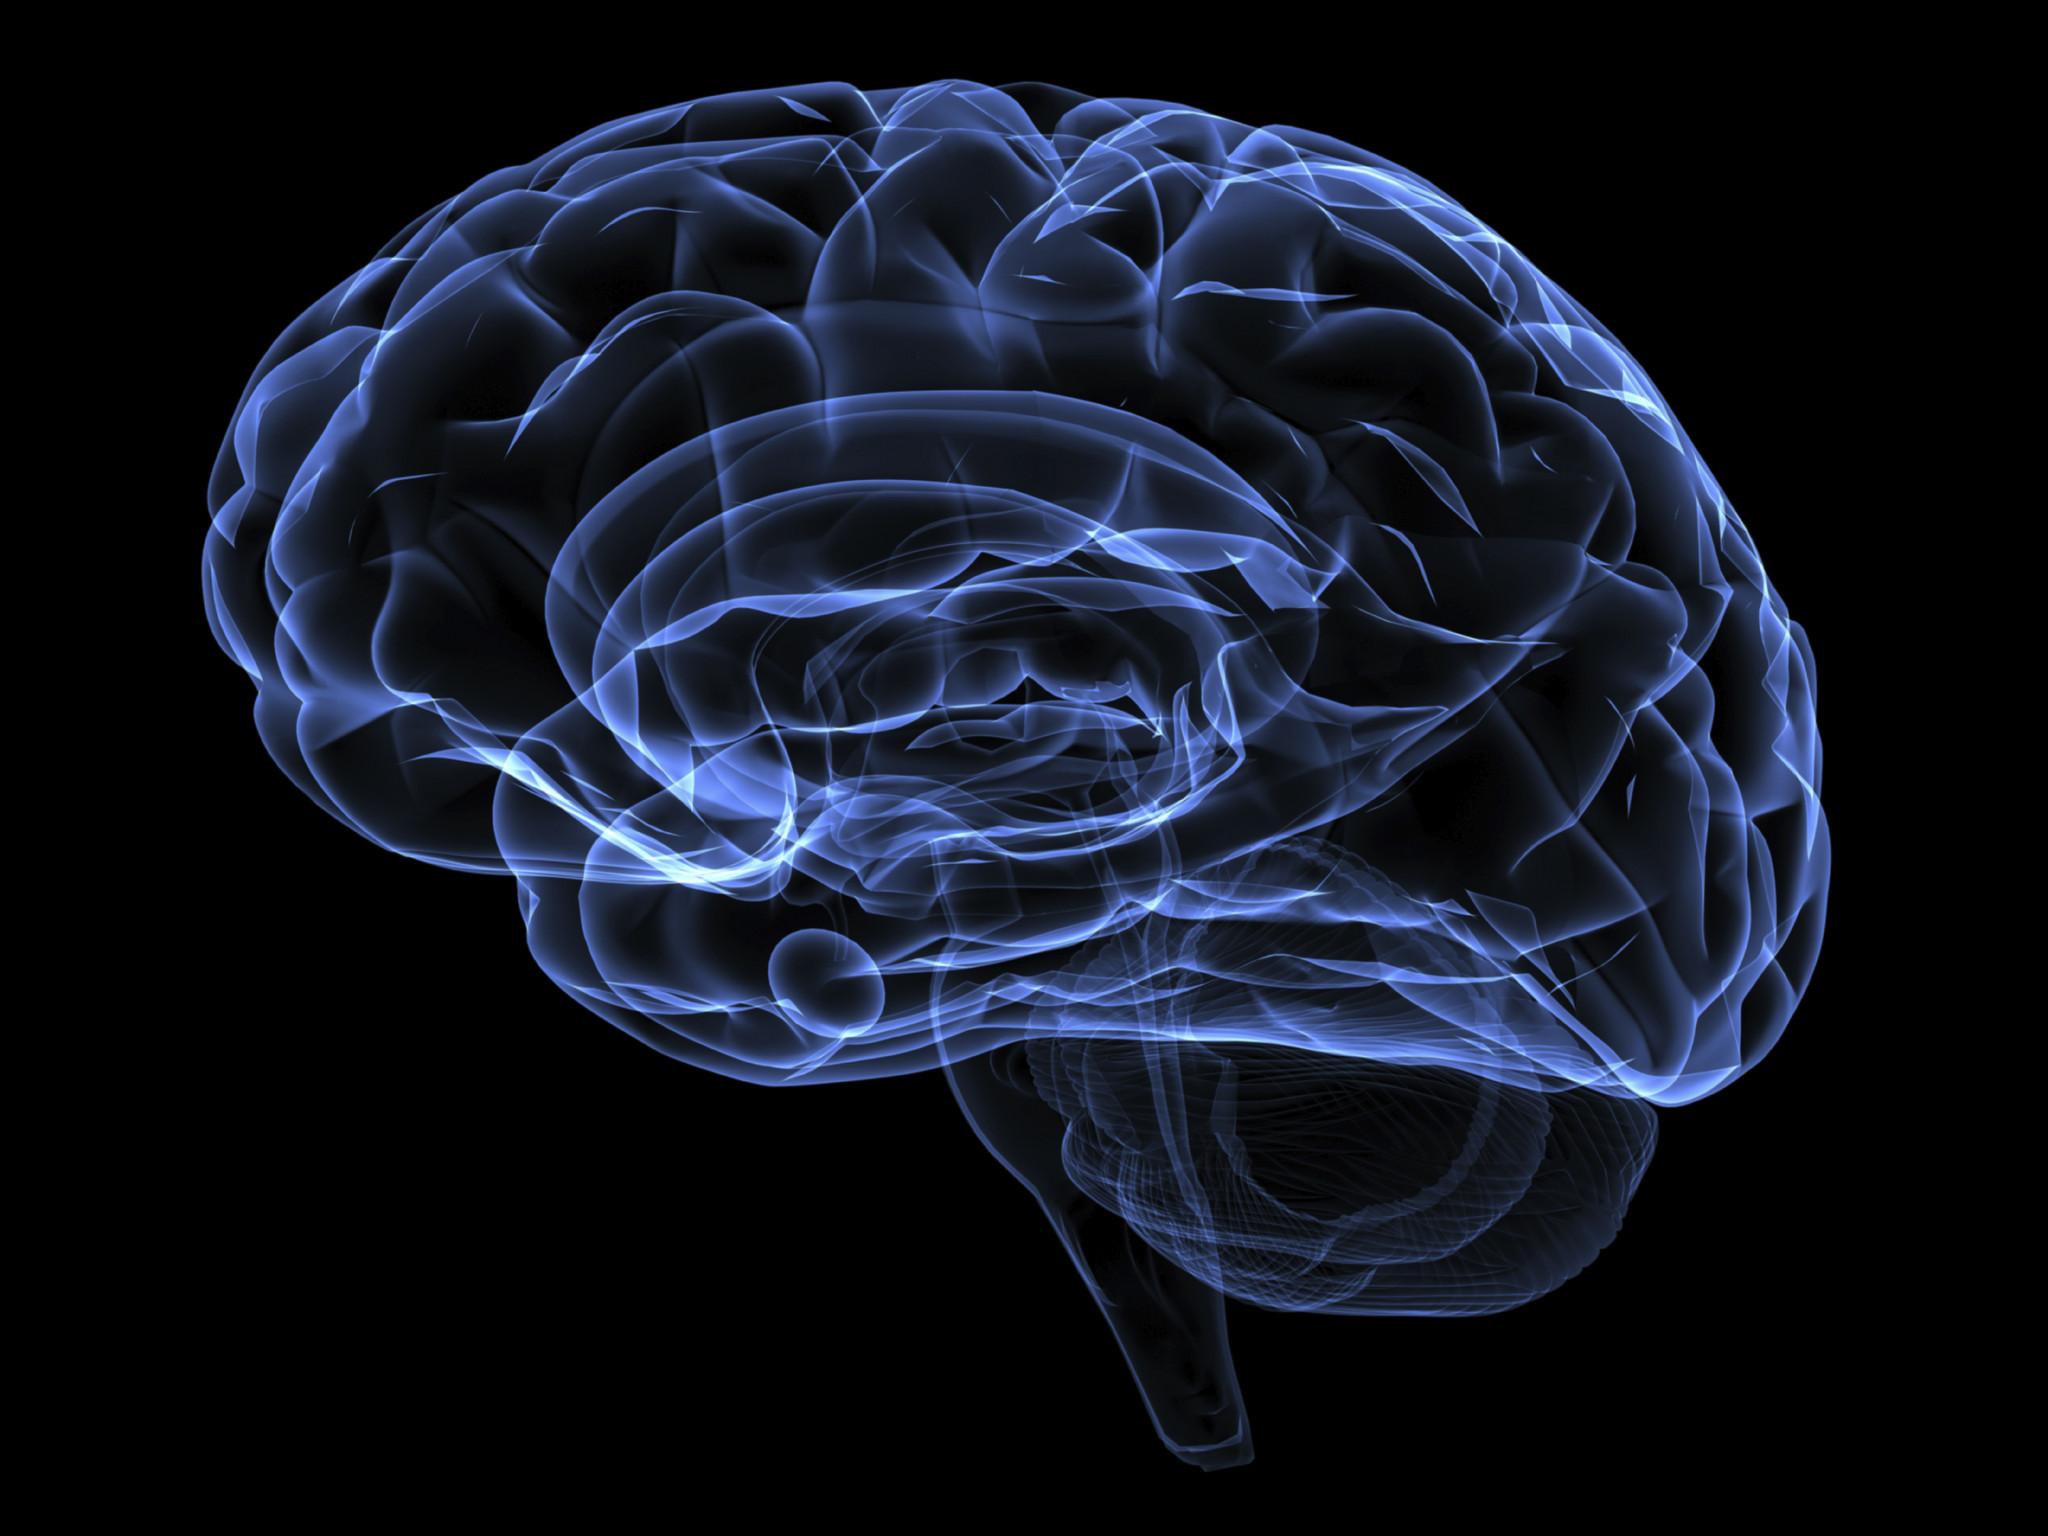 Sinais cerebrais traduzidos, pela primeira vez, diretamente em palavras